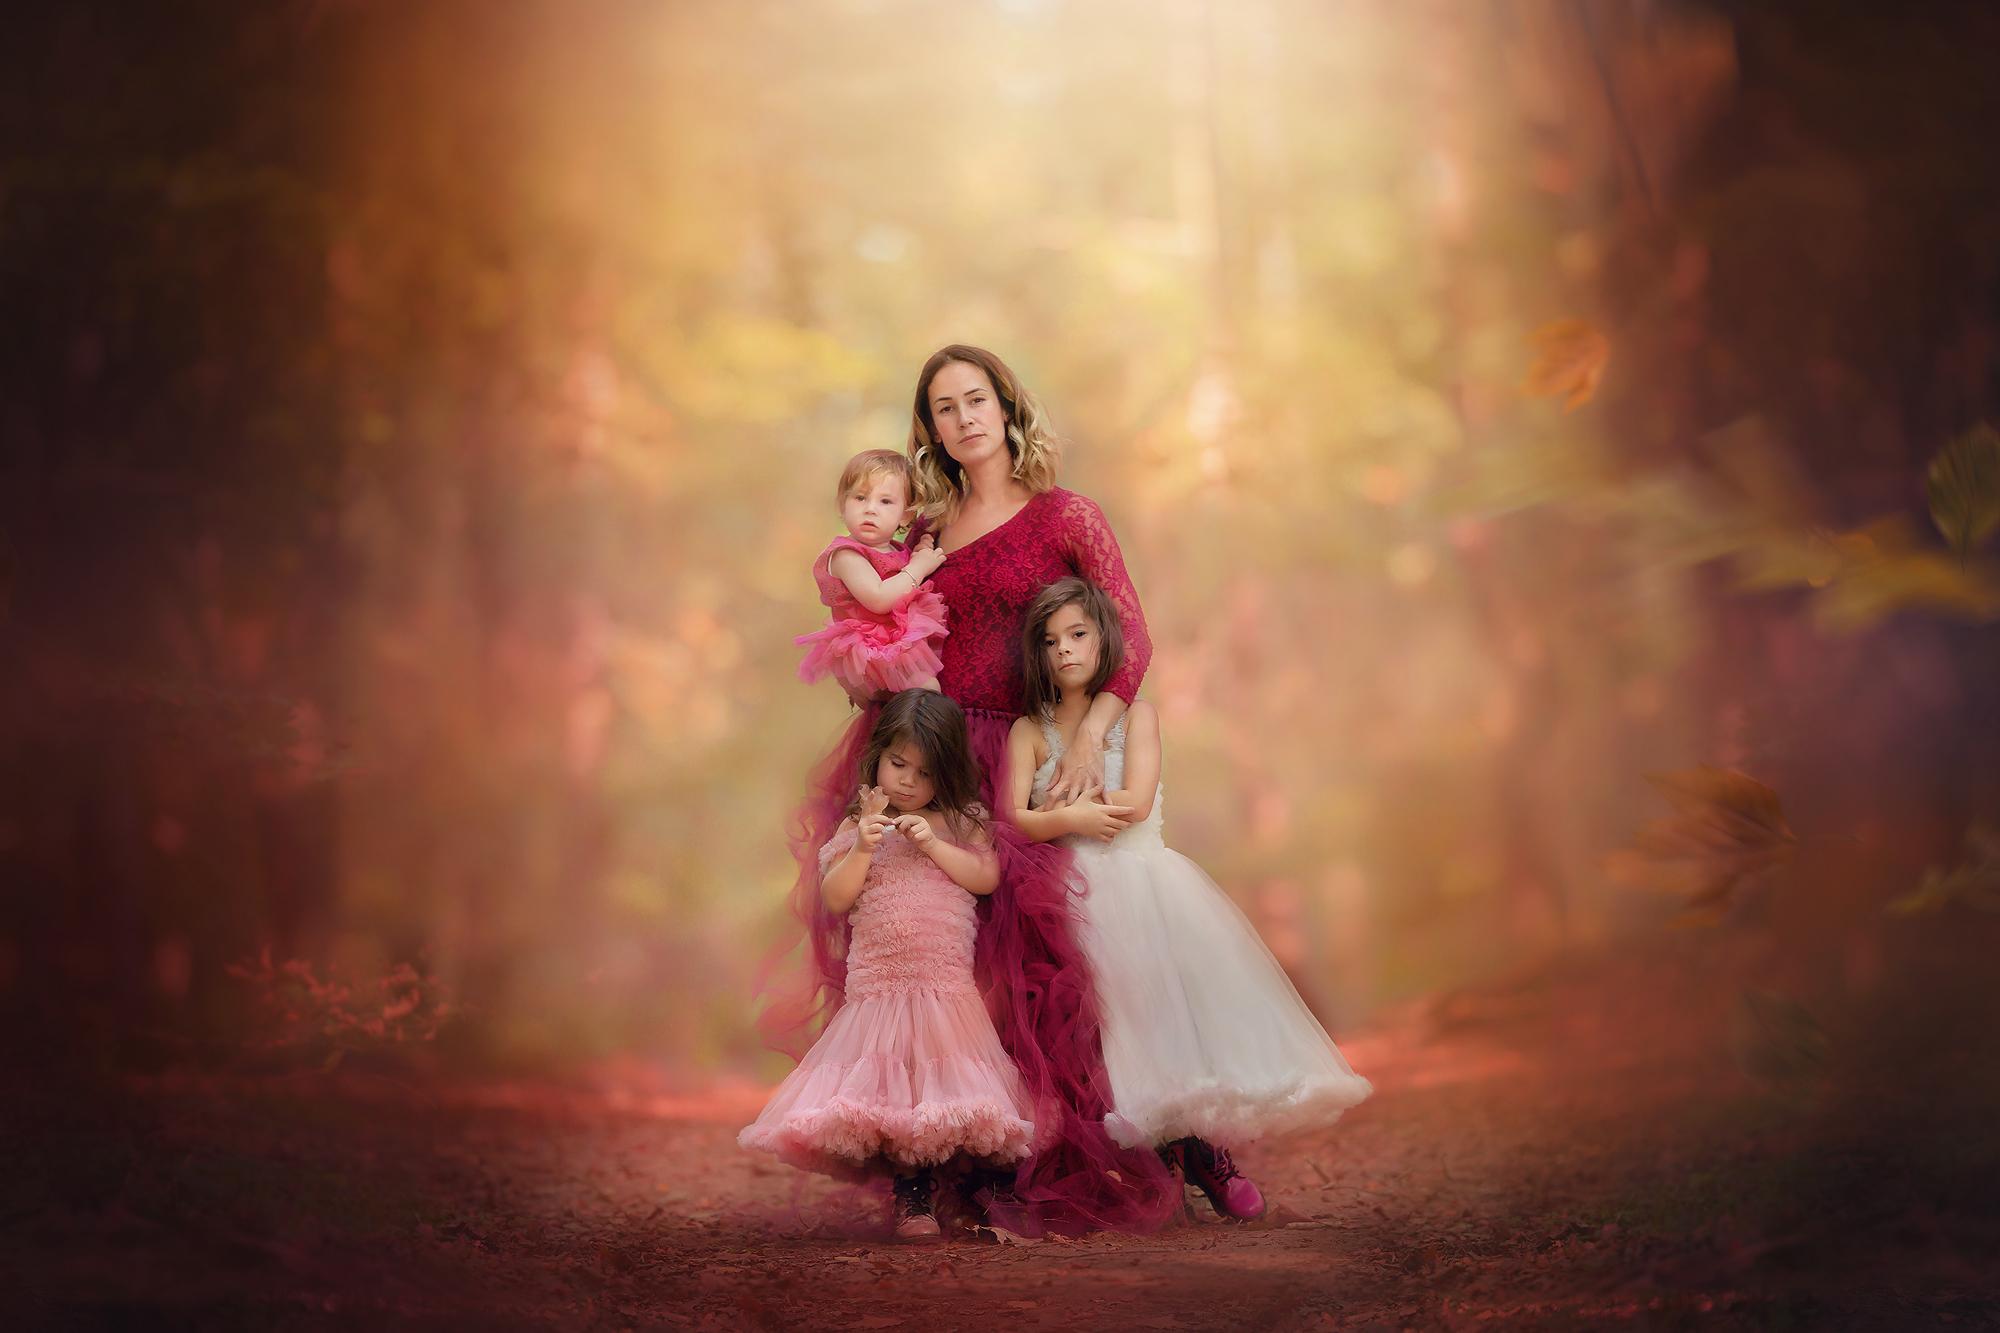 Natuurlijk licht foto van een moeder met haar kinderen in een herfstbos door natuurlijk licht fotograaf en coach Willie Kers uit Apeldoorn